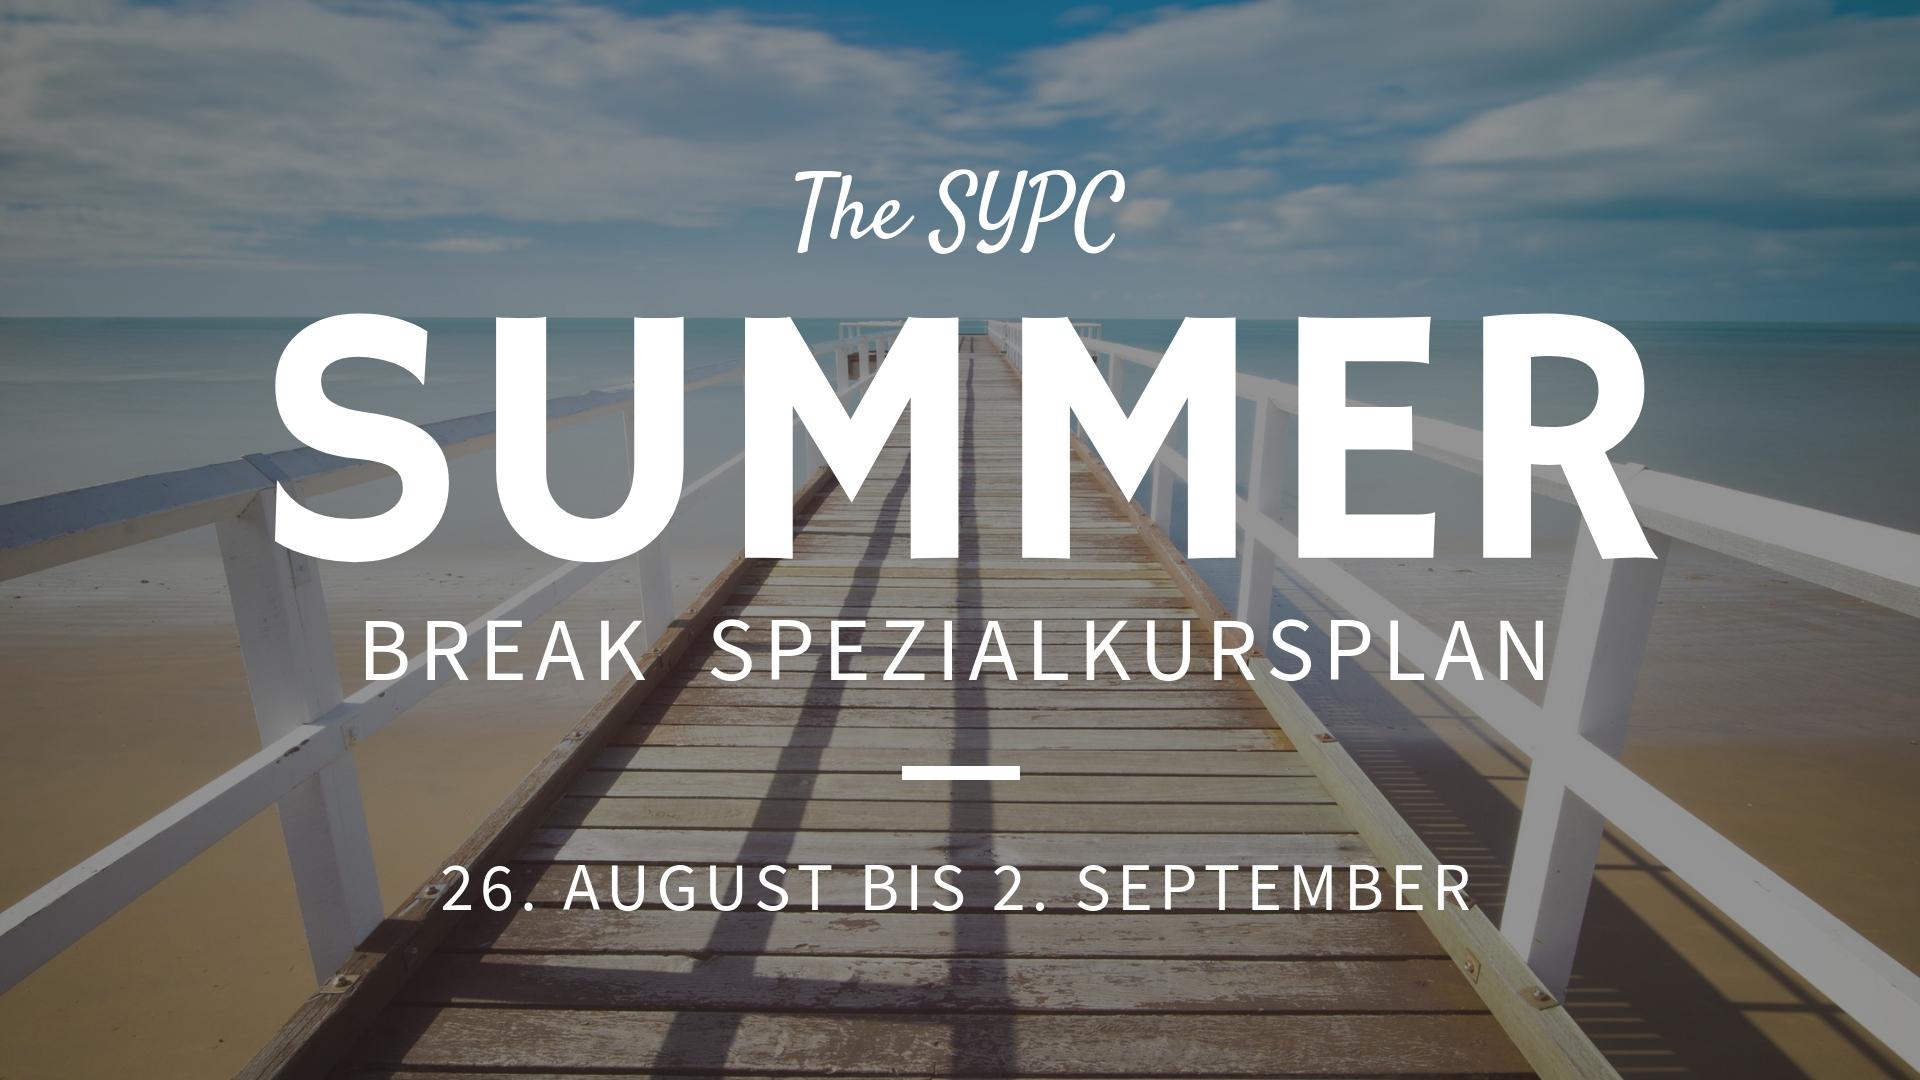 The SYPC